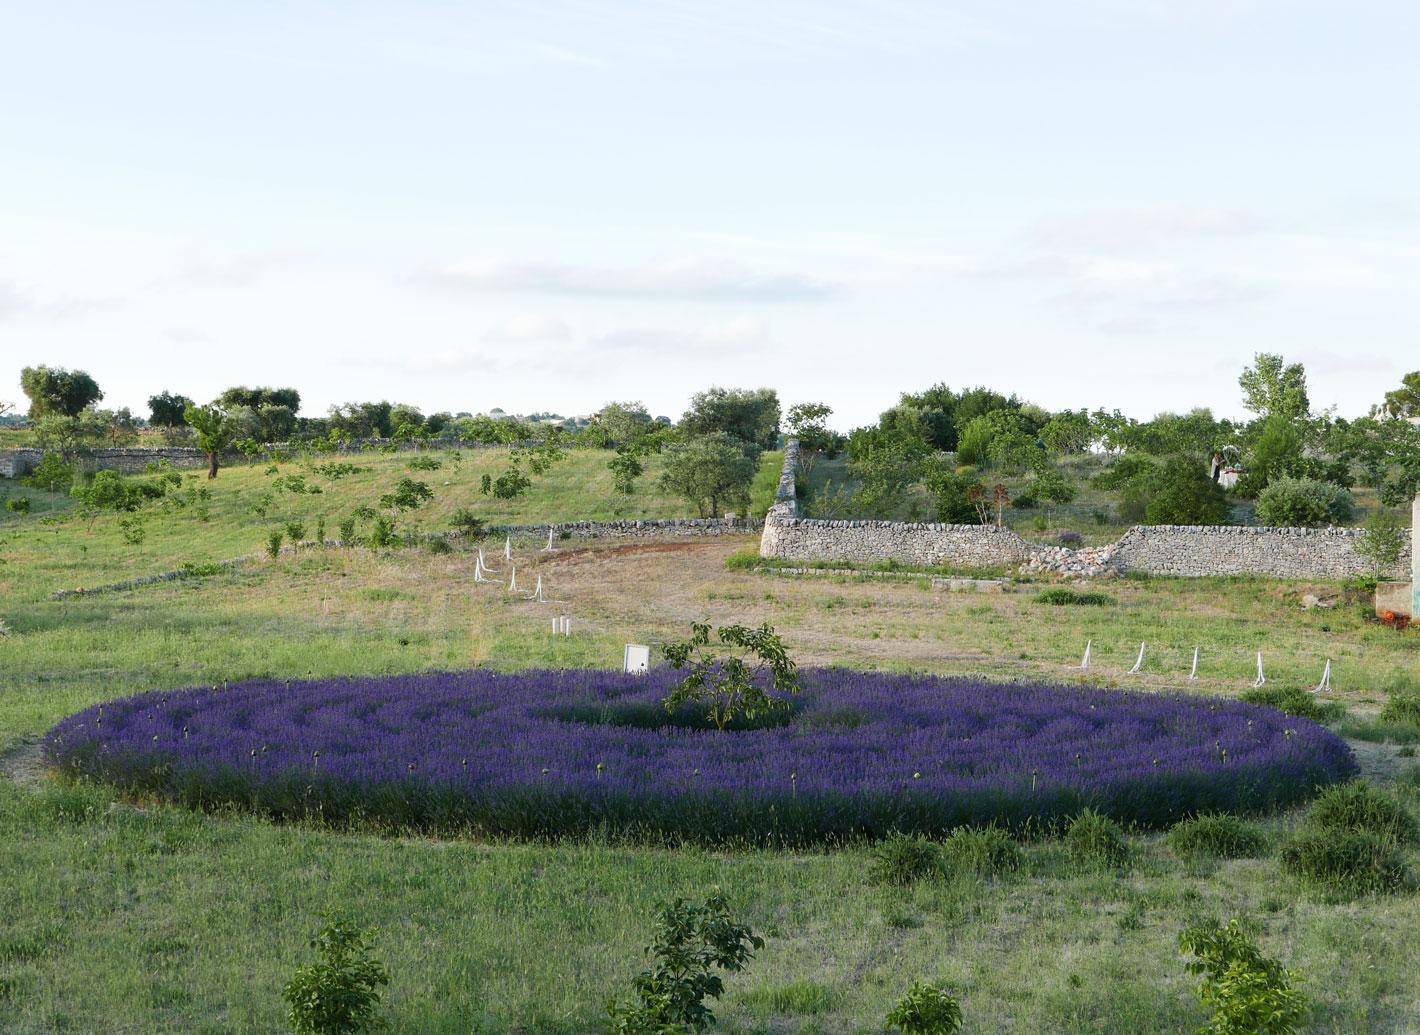 Conservatorio botanico I Giardini di Pomona: un tesoro di biodiversità nel cuore della Valle d'Itria